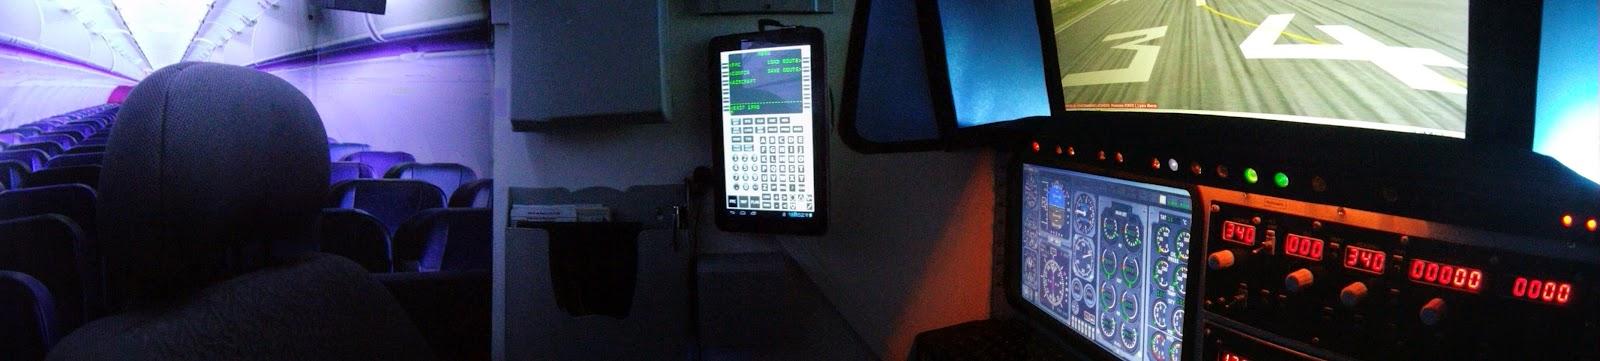 Novo projeto de simulador - HC3  - Página 4 APDC0197